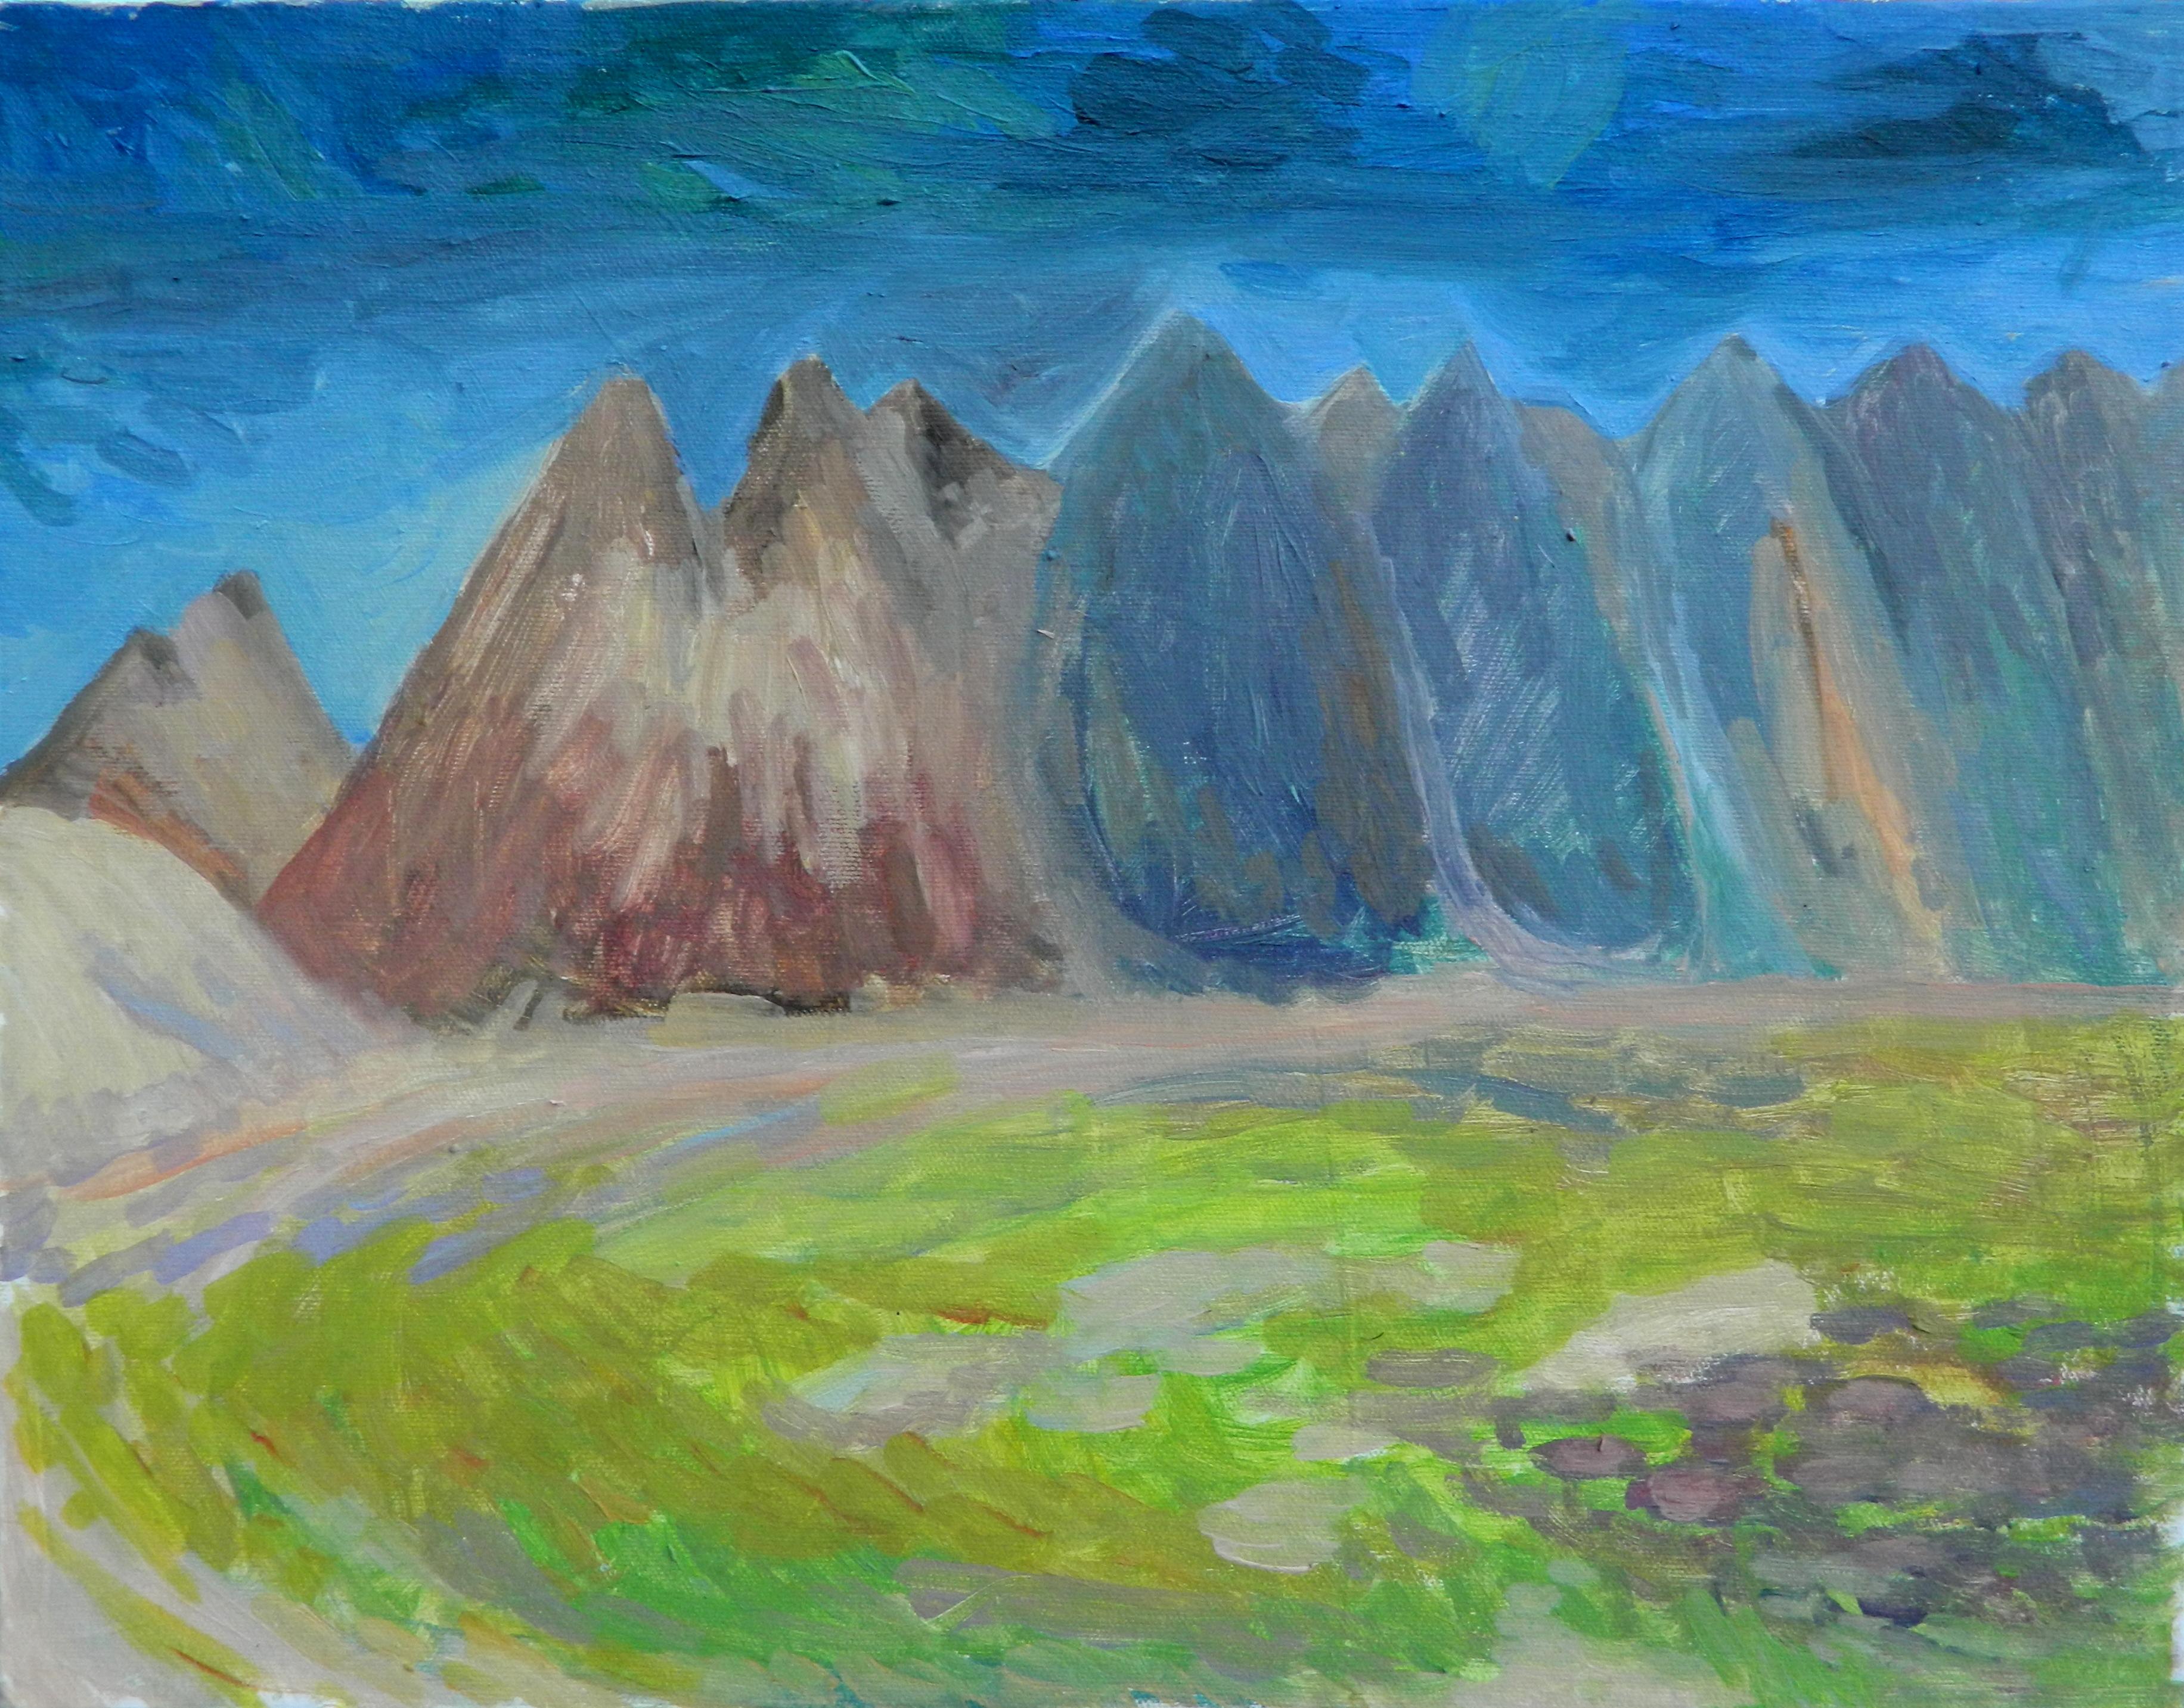 Gravel Mountains